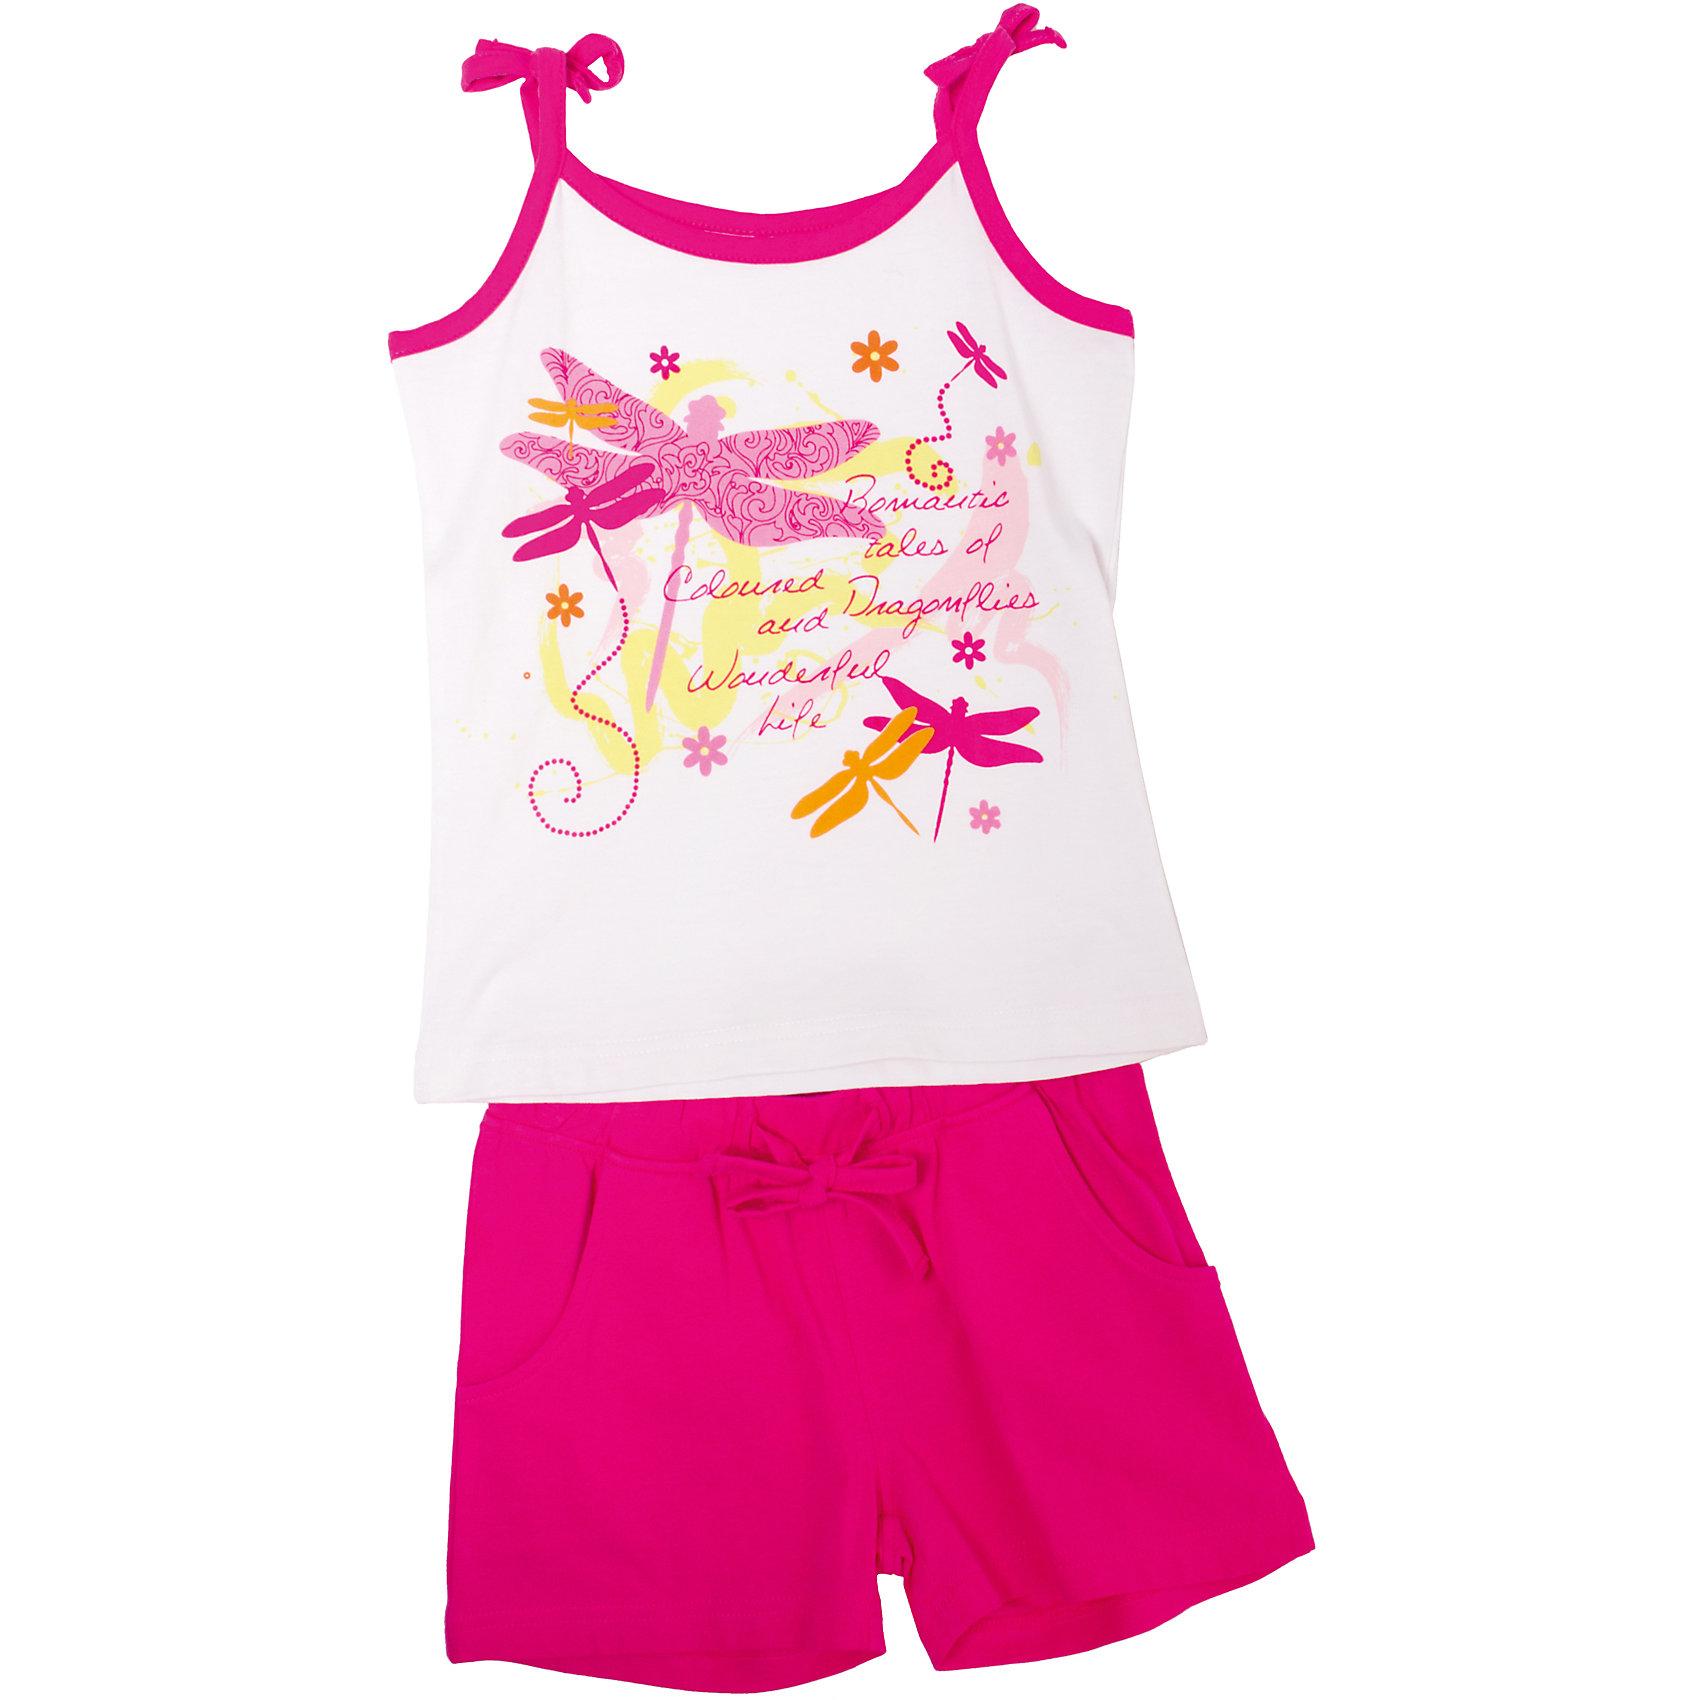 Комплект для девочки: футболка и шорты PlayTodayКомплект для девочки: футболка и шорты от известного бренда PlayToday <br>Прекрасный комплект на жаркую погоду для девочки <br>Футболка обработана контрастной бейкой <br>Завязочки на плечиках <br>Футболочка принтована разноцветными стрекозками <br>Шорты трикотажные дополненыдвумя функциональными карманами <br>Пояс на резинке украшенный тесьмой в тон изделия <br>Состав: 95% хлопок, 5% эластан<br><br>Ширина мм: 199<br>Глубина мм: 10<br>Высота мм: 161<br>Вес г: 151<br>Цвет: белый<br>Возраст от месяцев: 60<br>Возраст до месяцев: 72<br>Пол: Женский<br>Возраст: Детский<br>Размер: 116,98,104,110,122,128<br>SKU: 3978024